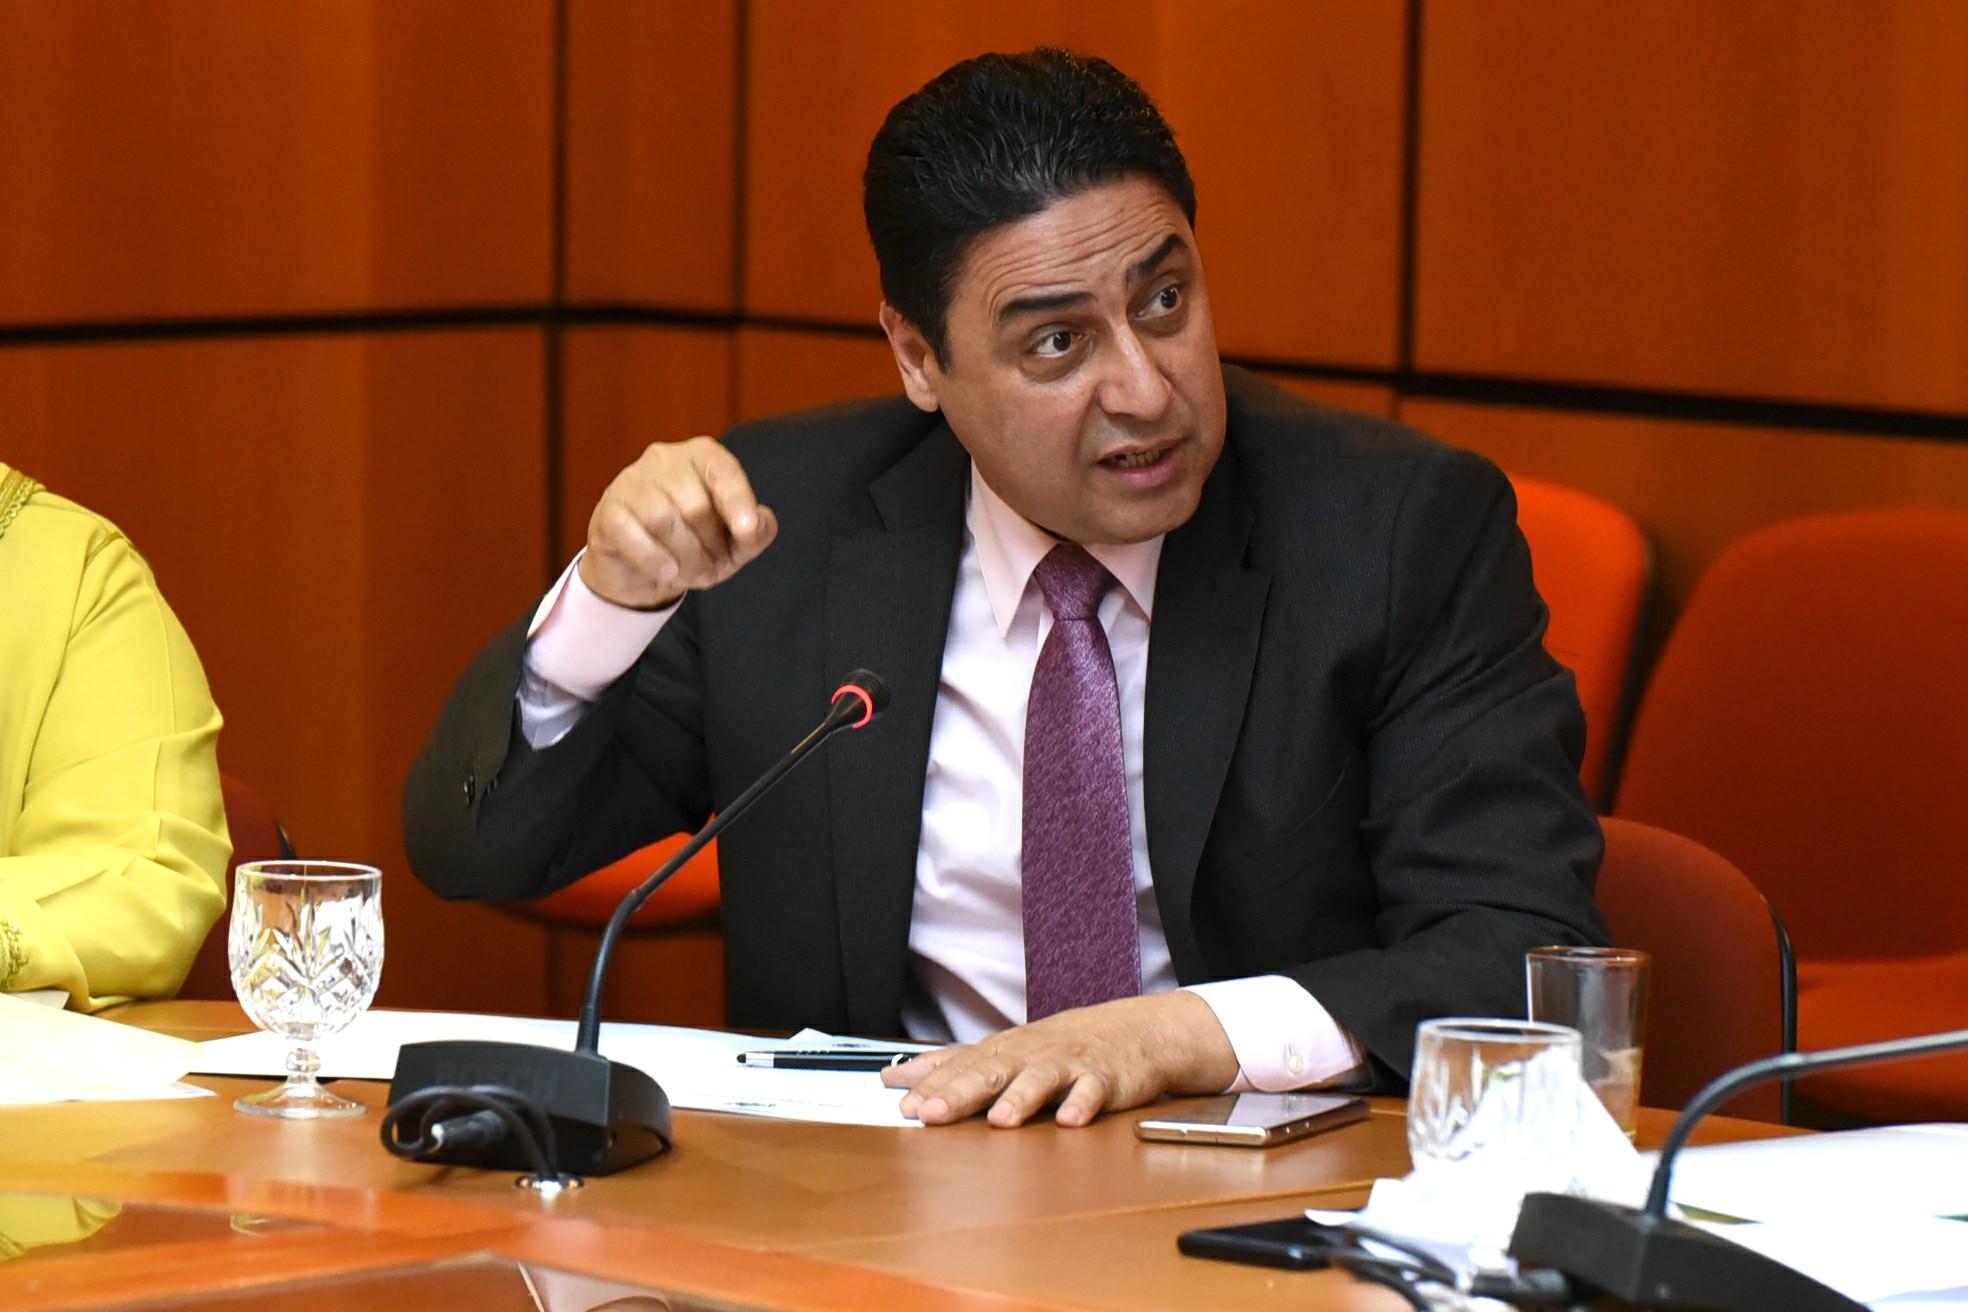 الأخ عمر حجيرة : مأسسة مراقبة المنتجات الصحية ضرورة لحماية صحة المواطنين